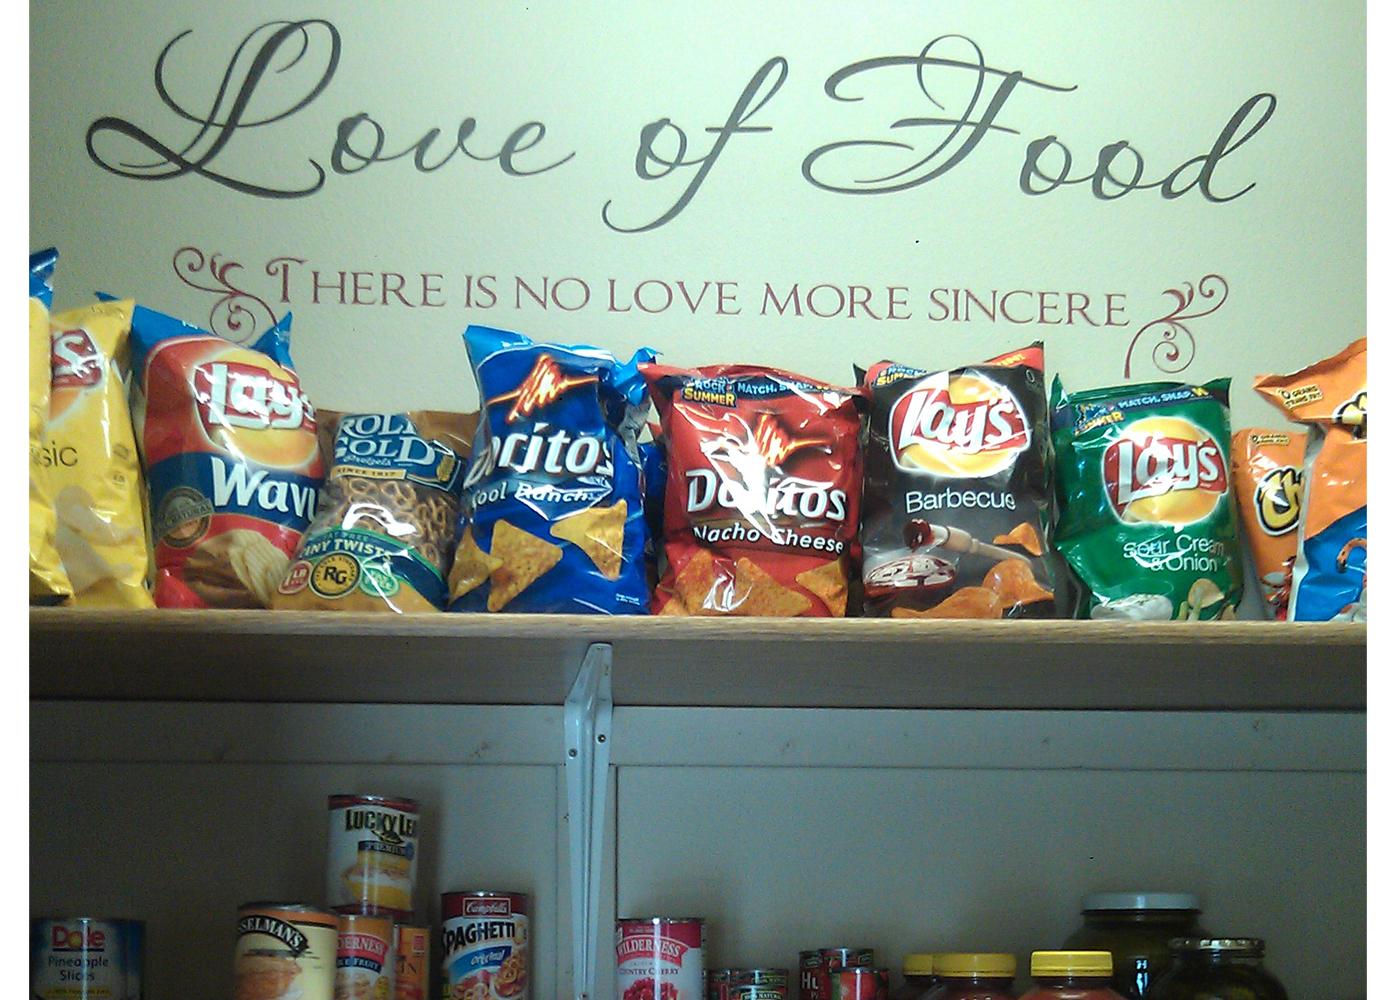 love-of-food-pantry-vinyl-wall-decal-quote.jpg